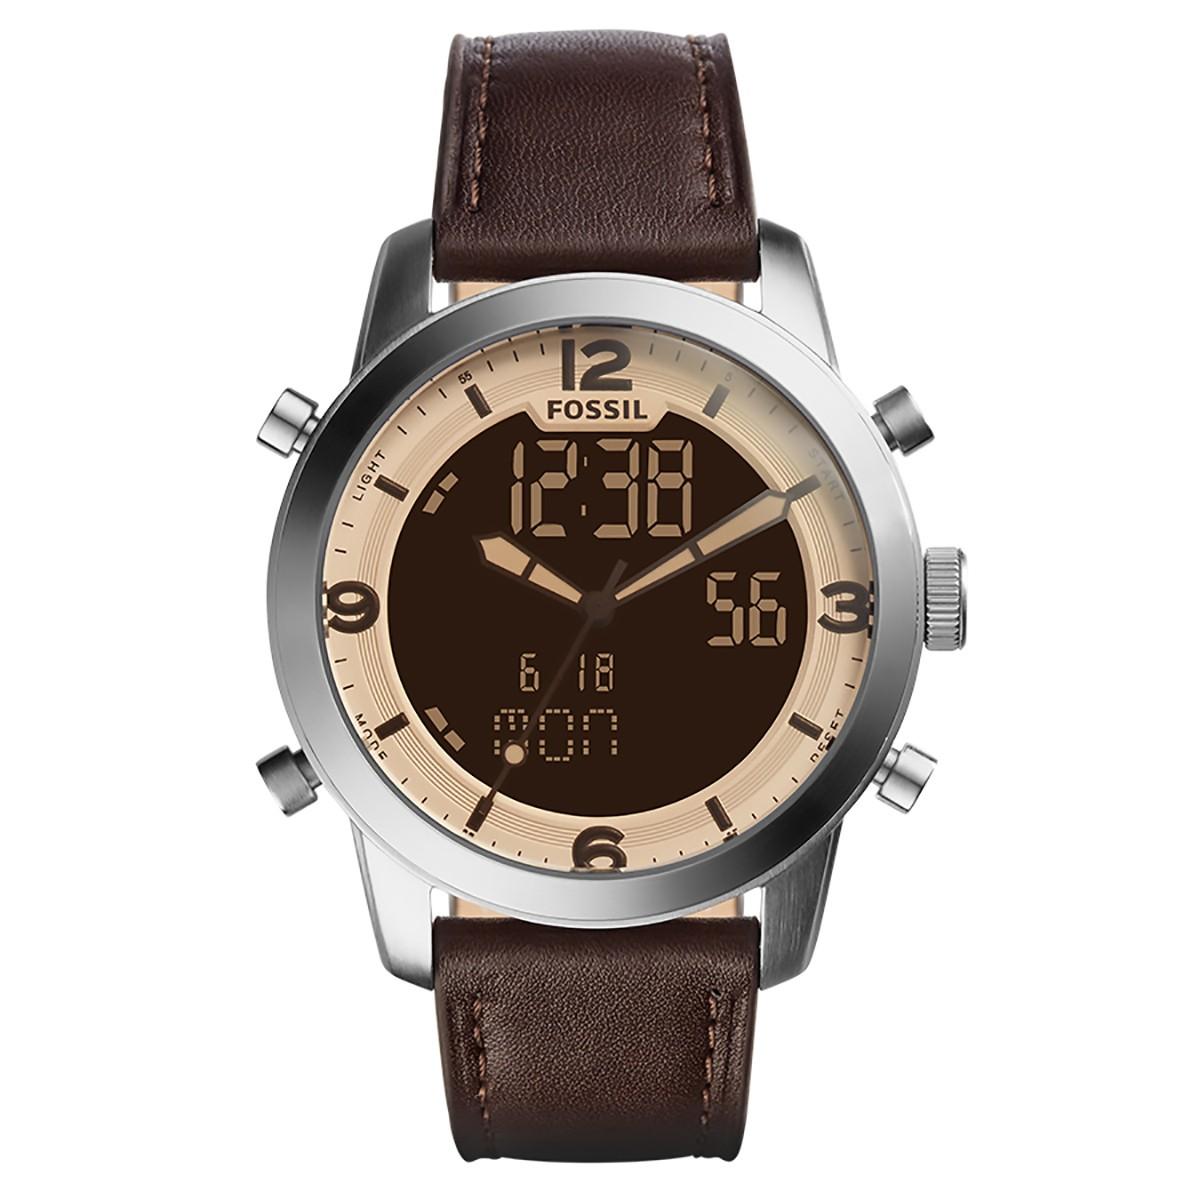 cb97d152be0 Compre Relógio Masculino Fossil Pilot em 10X